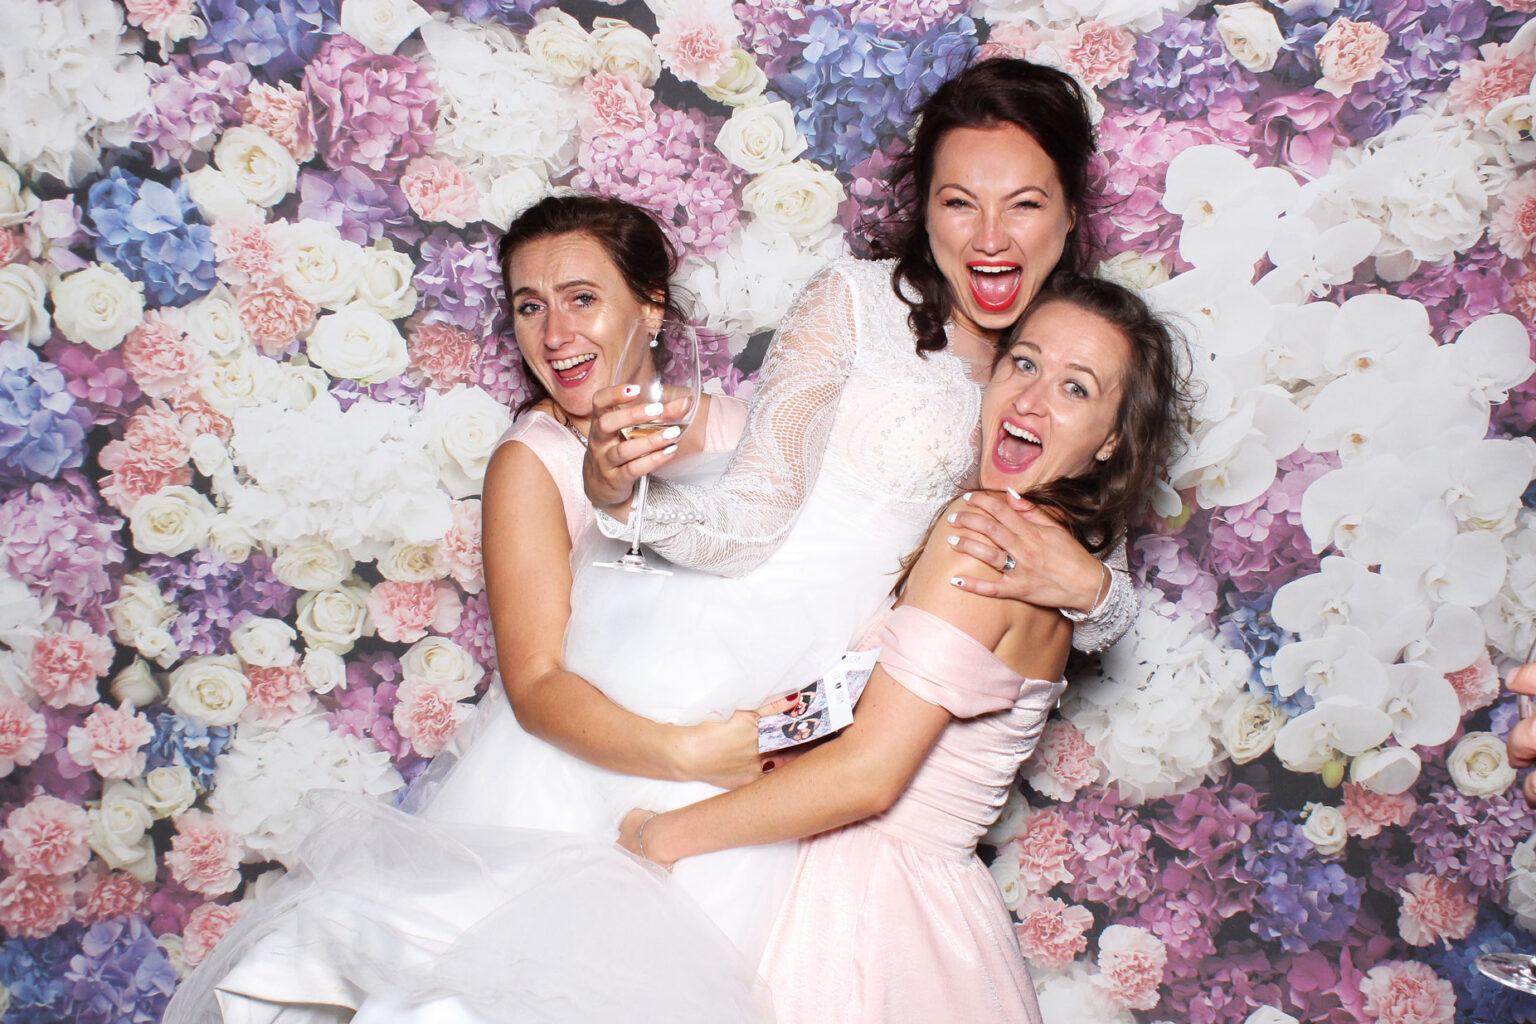 fotokutik na svadbu kvetinova fotostena pozadie svadobne FOTOKÚTIK.sk